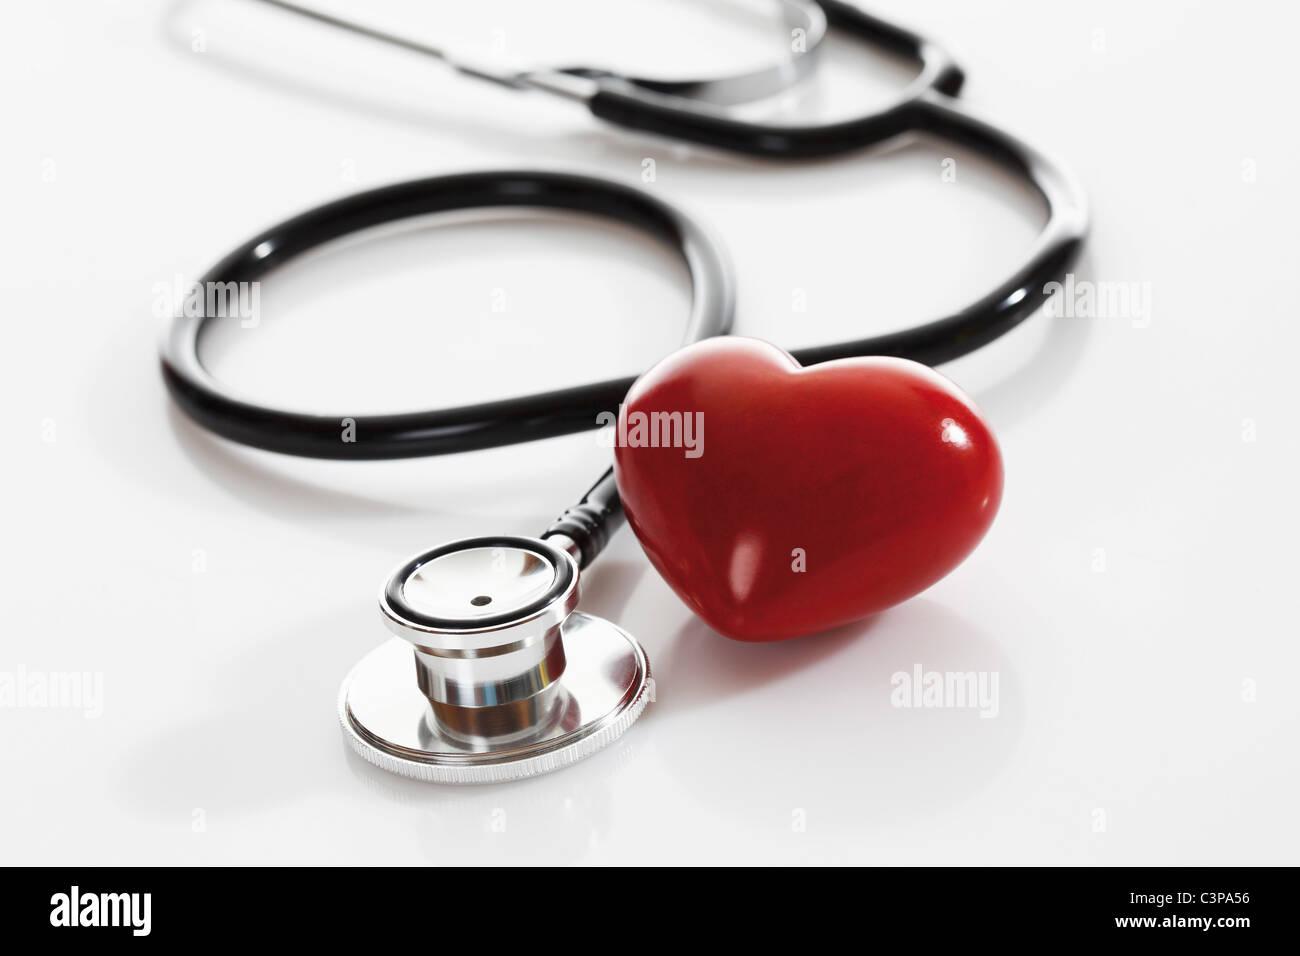 Stéthoscope avec forme de coeur objet sur fond blanc, Close up Photo Stock